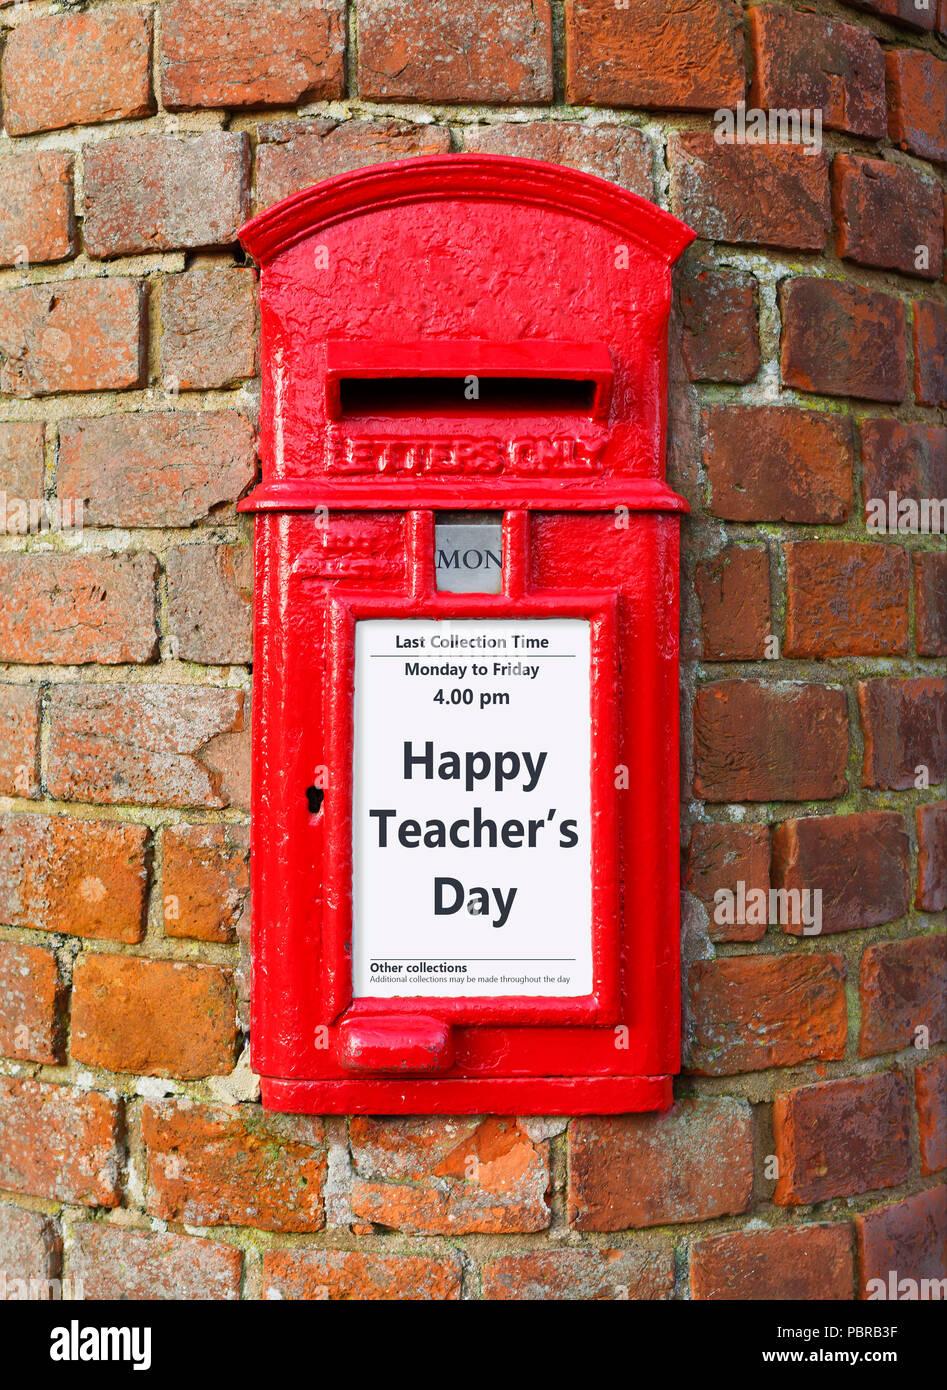 Britische Post Box mit einer Nachricht, liest gerne Lehrer Tag, für eine Grußkarte Design ideal Stockbild